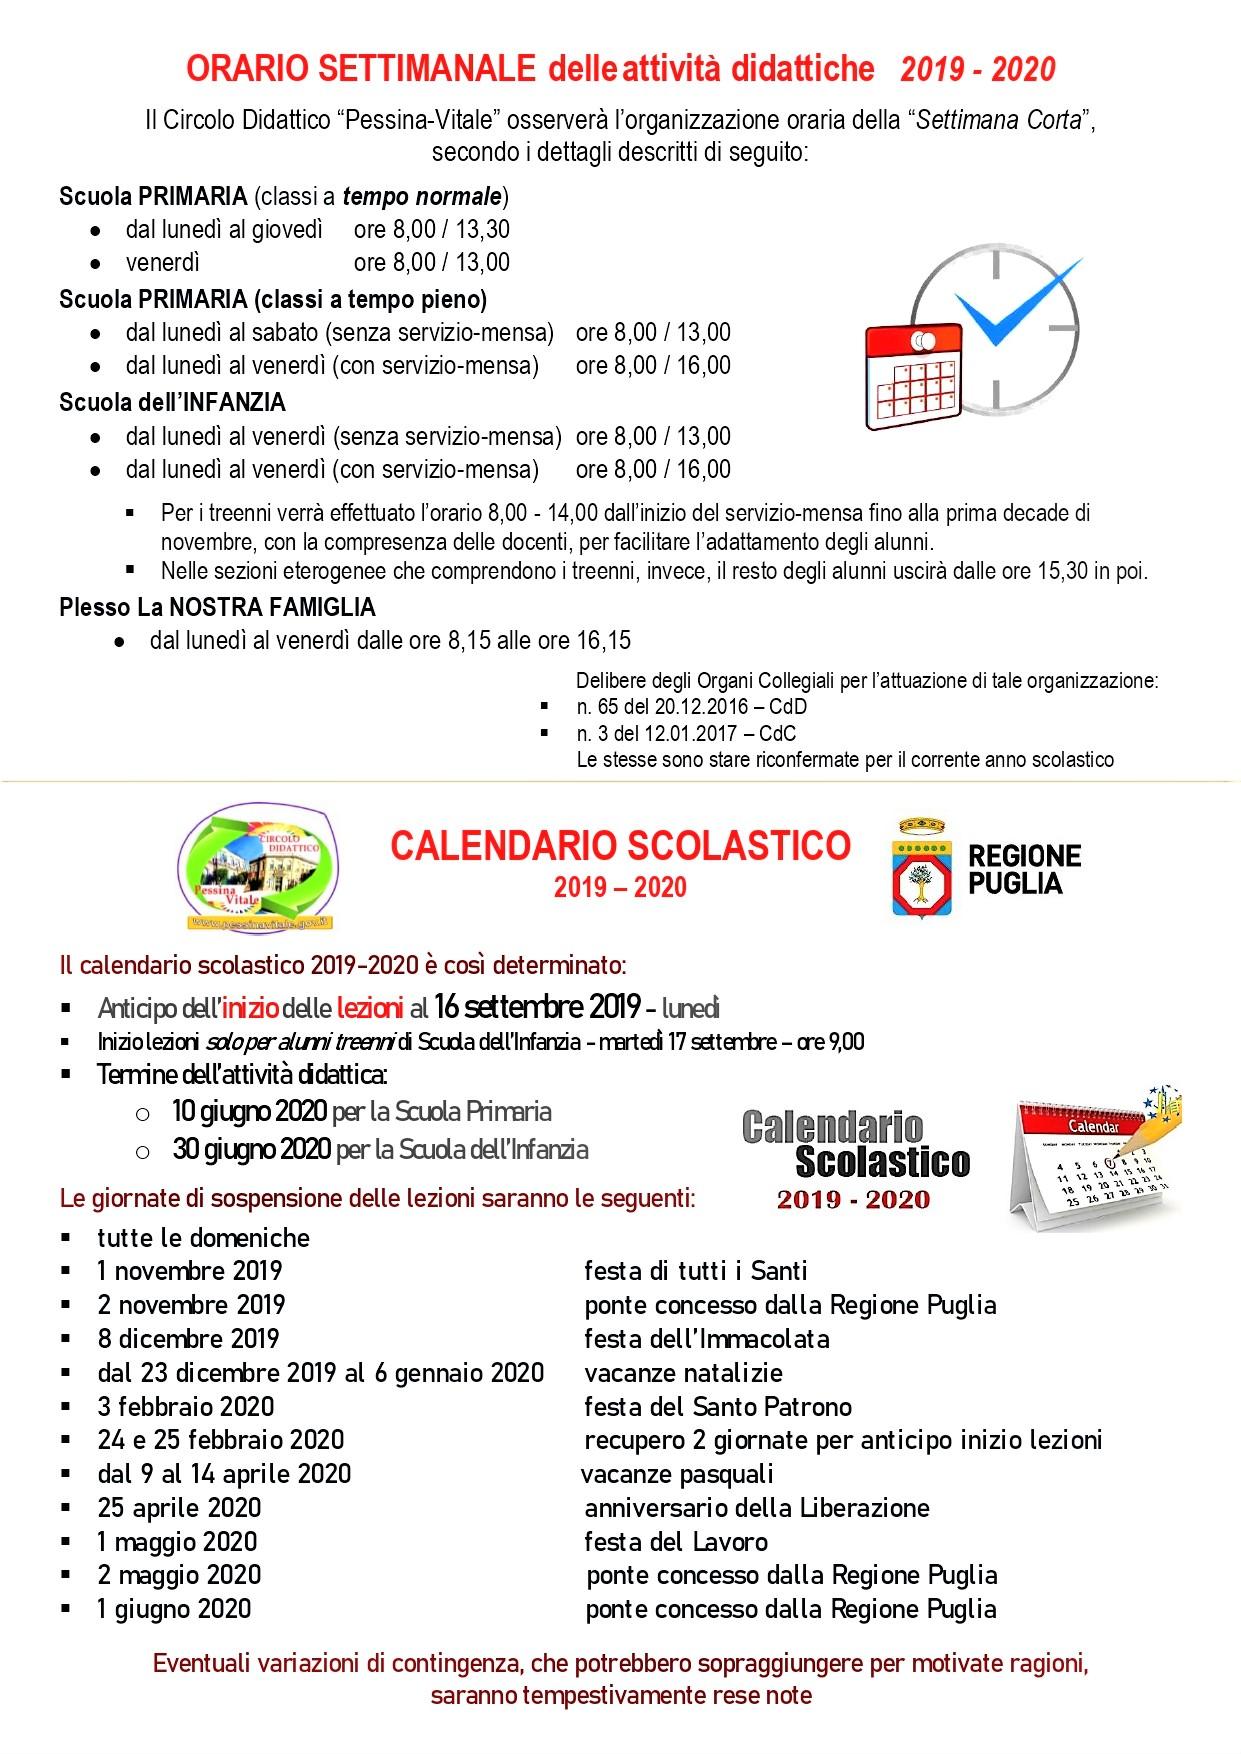 Calendario Eventi Ostuni 2020.Circolo Didattico Pessina Vitale